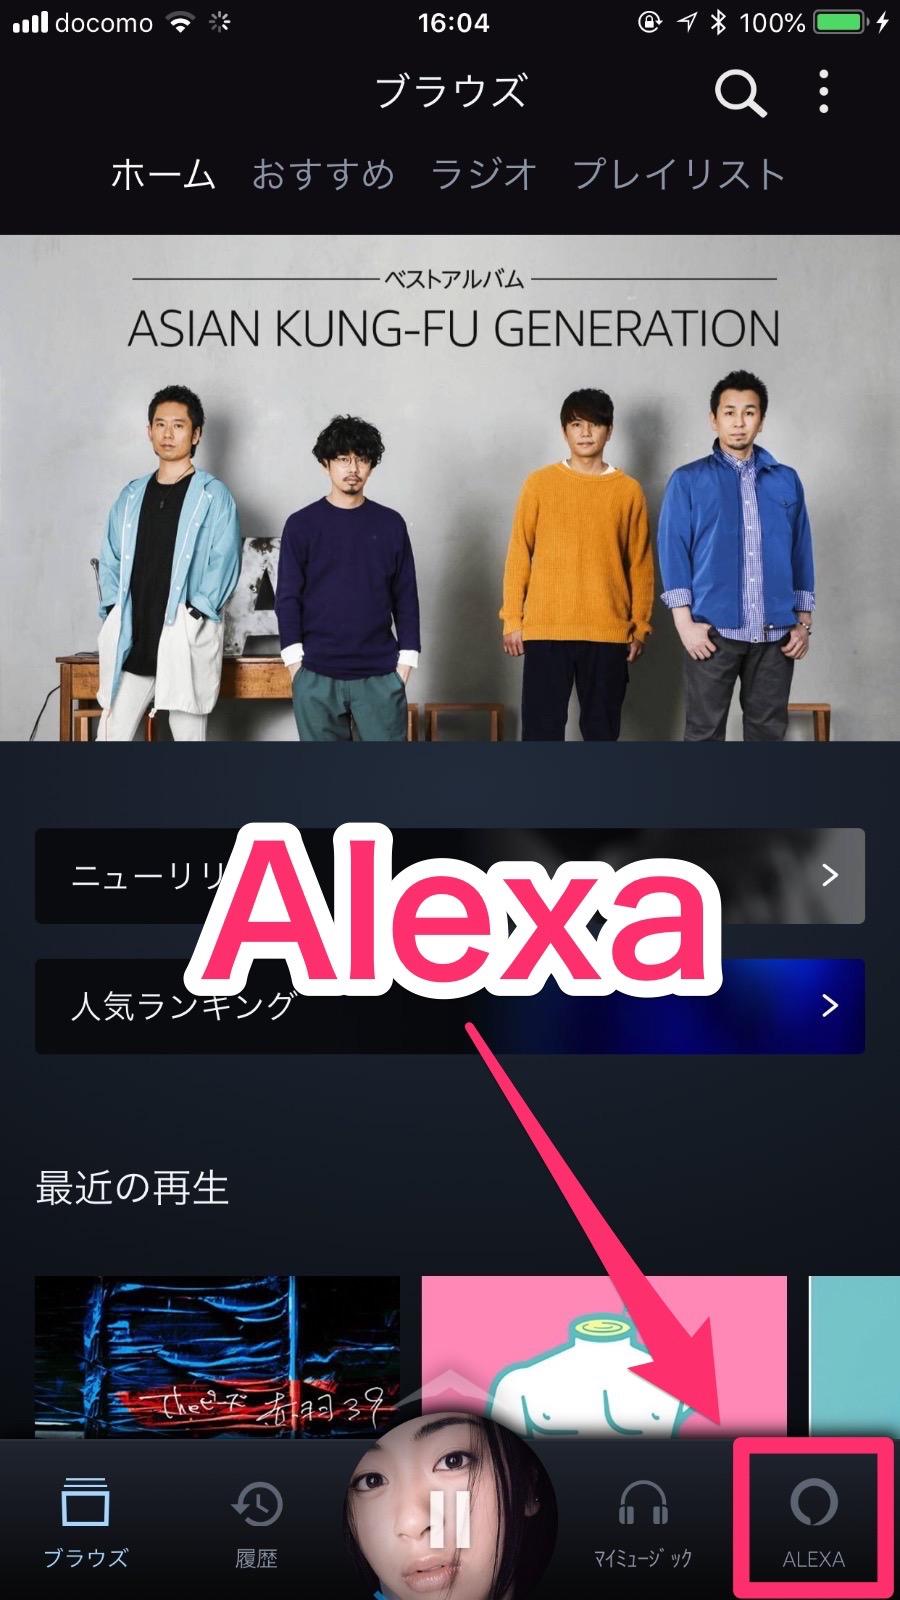 「Amazon Music」アプリにAmazon Alexaが登場